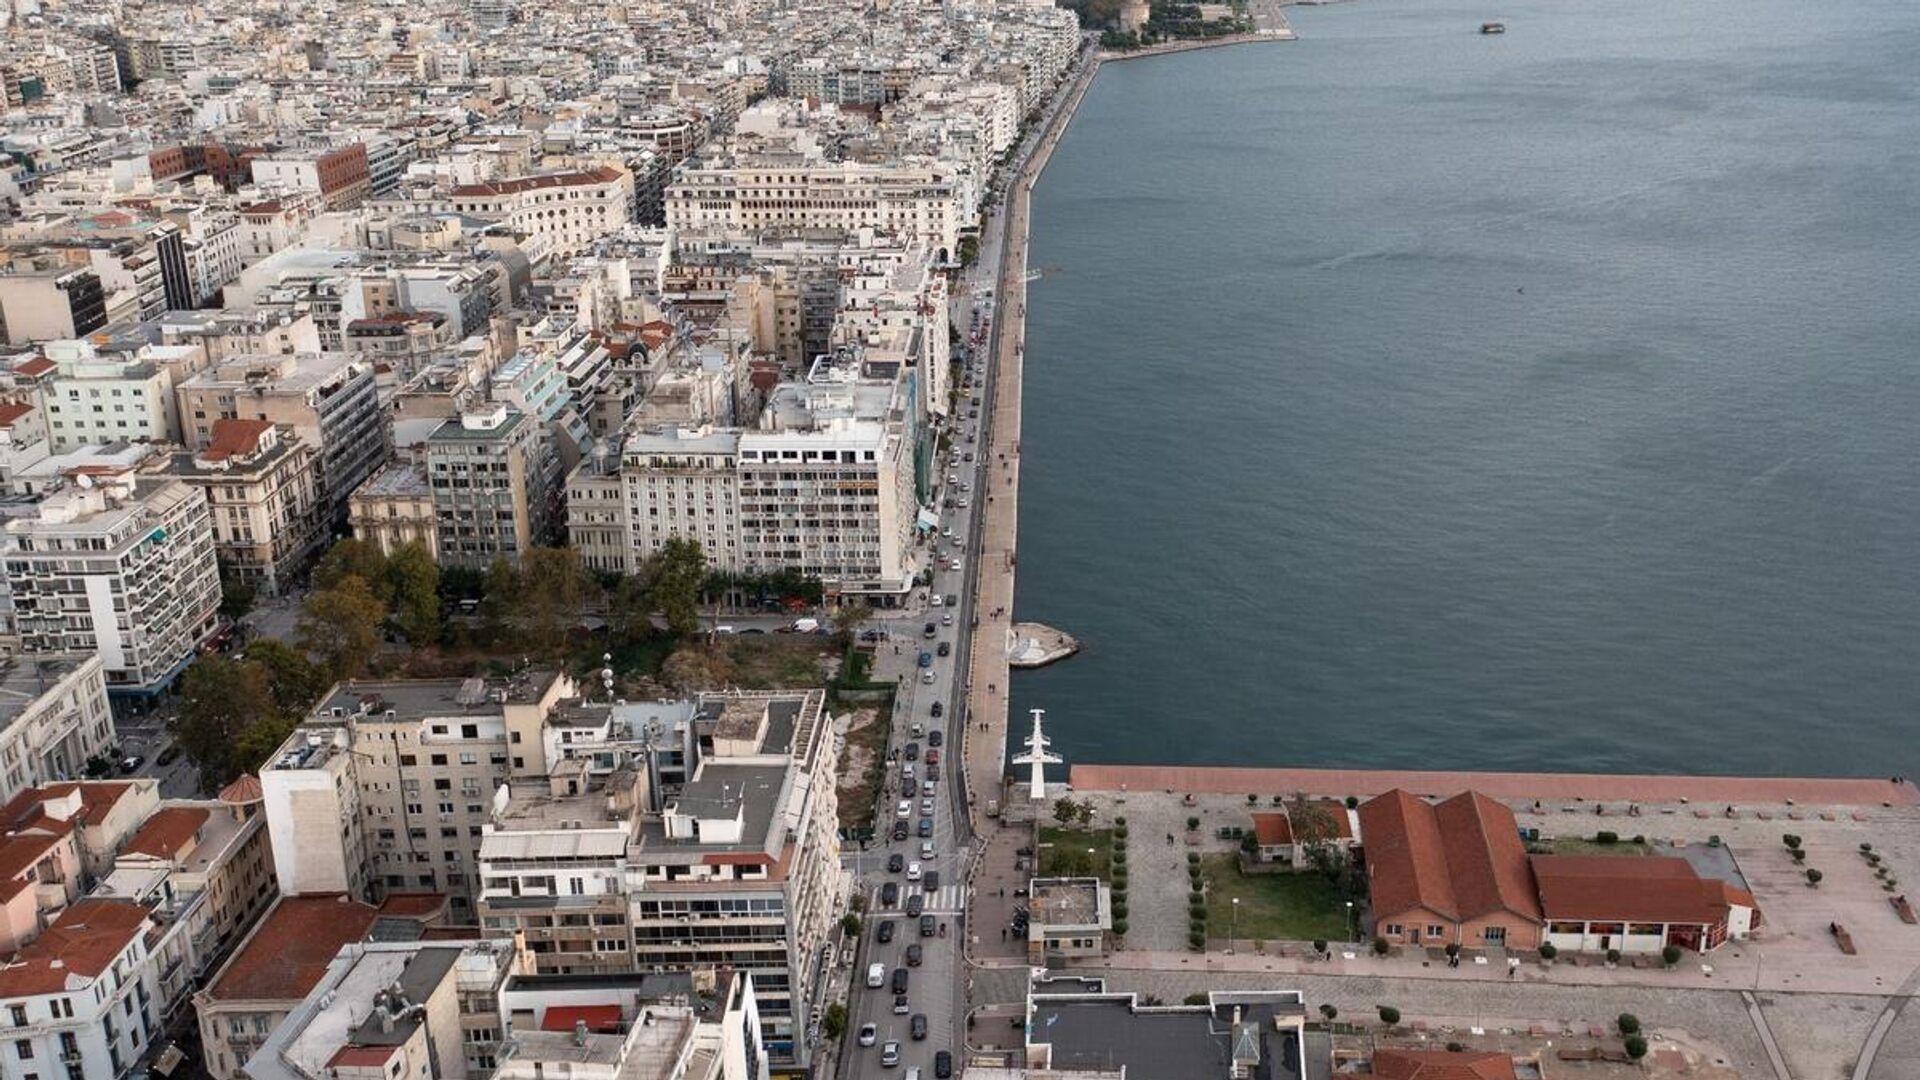 Μποτιλιάρισμα στη Θεσσαλονίκη - Sputnik Ελλάδα, 1920, 13.10.2021